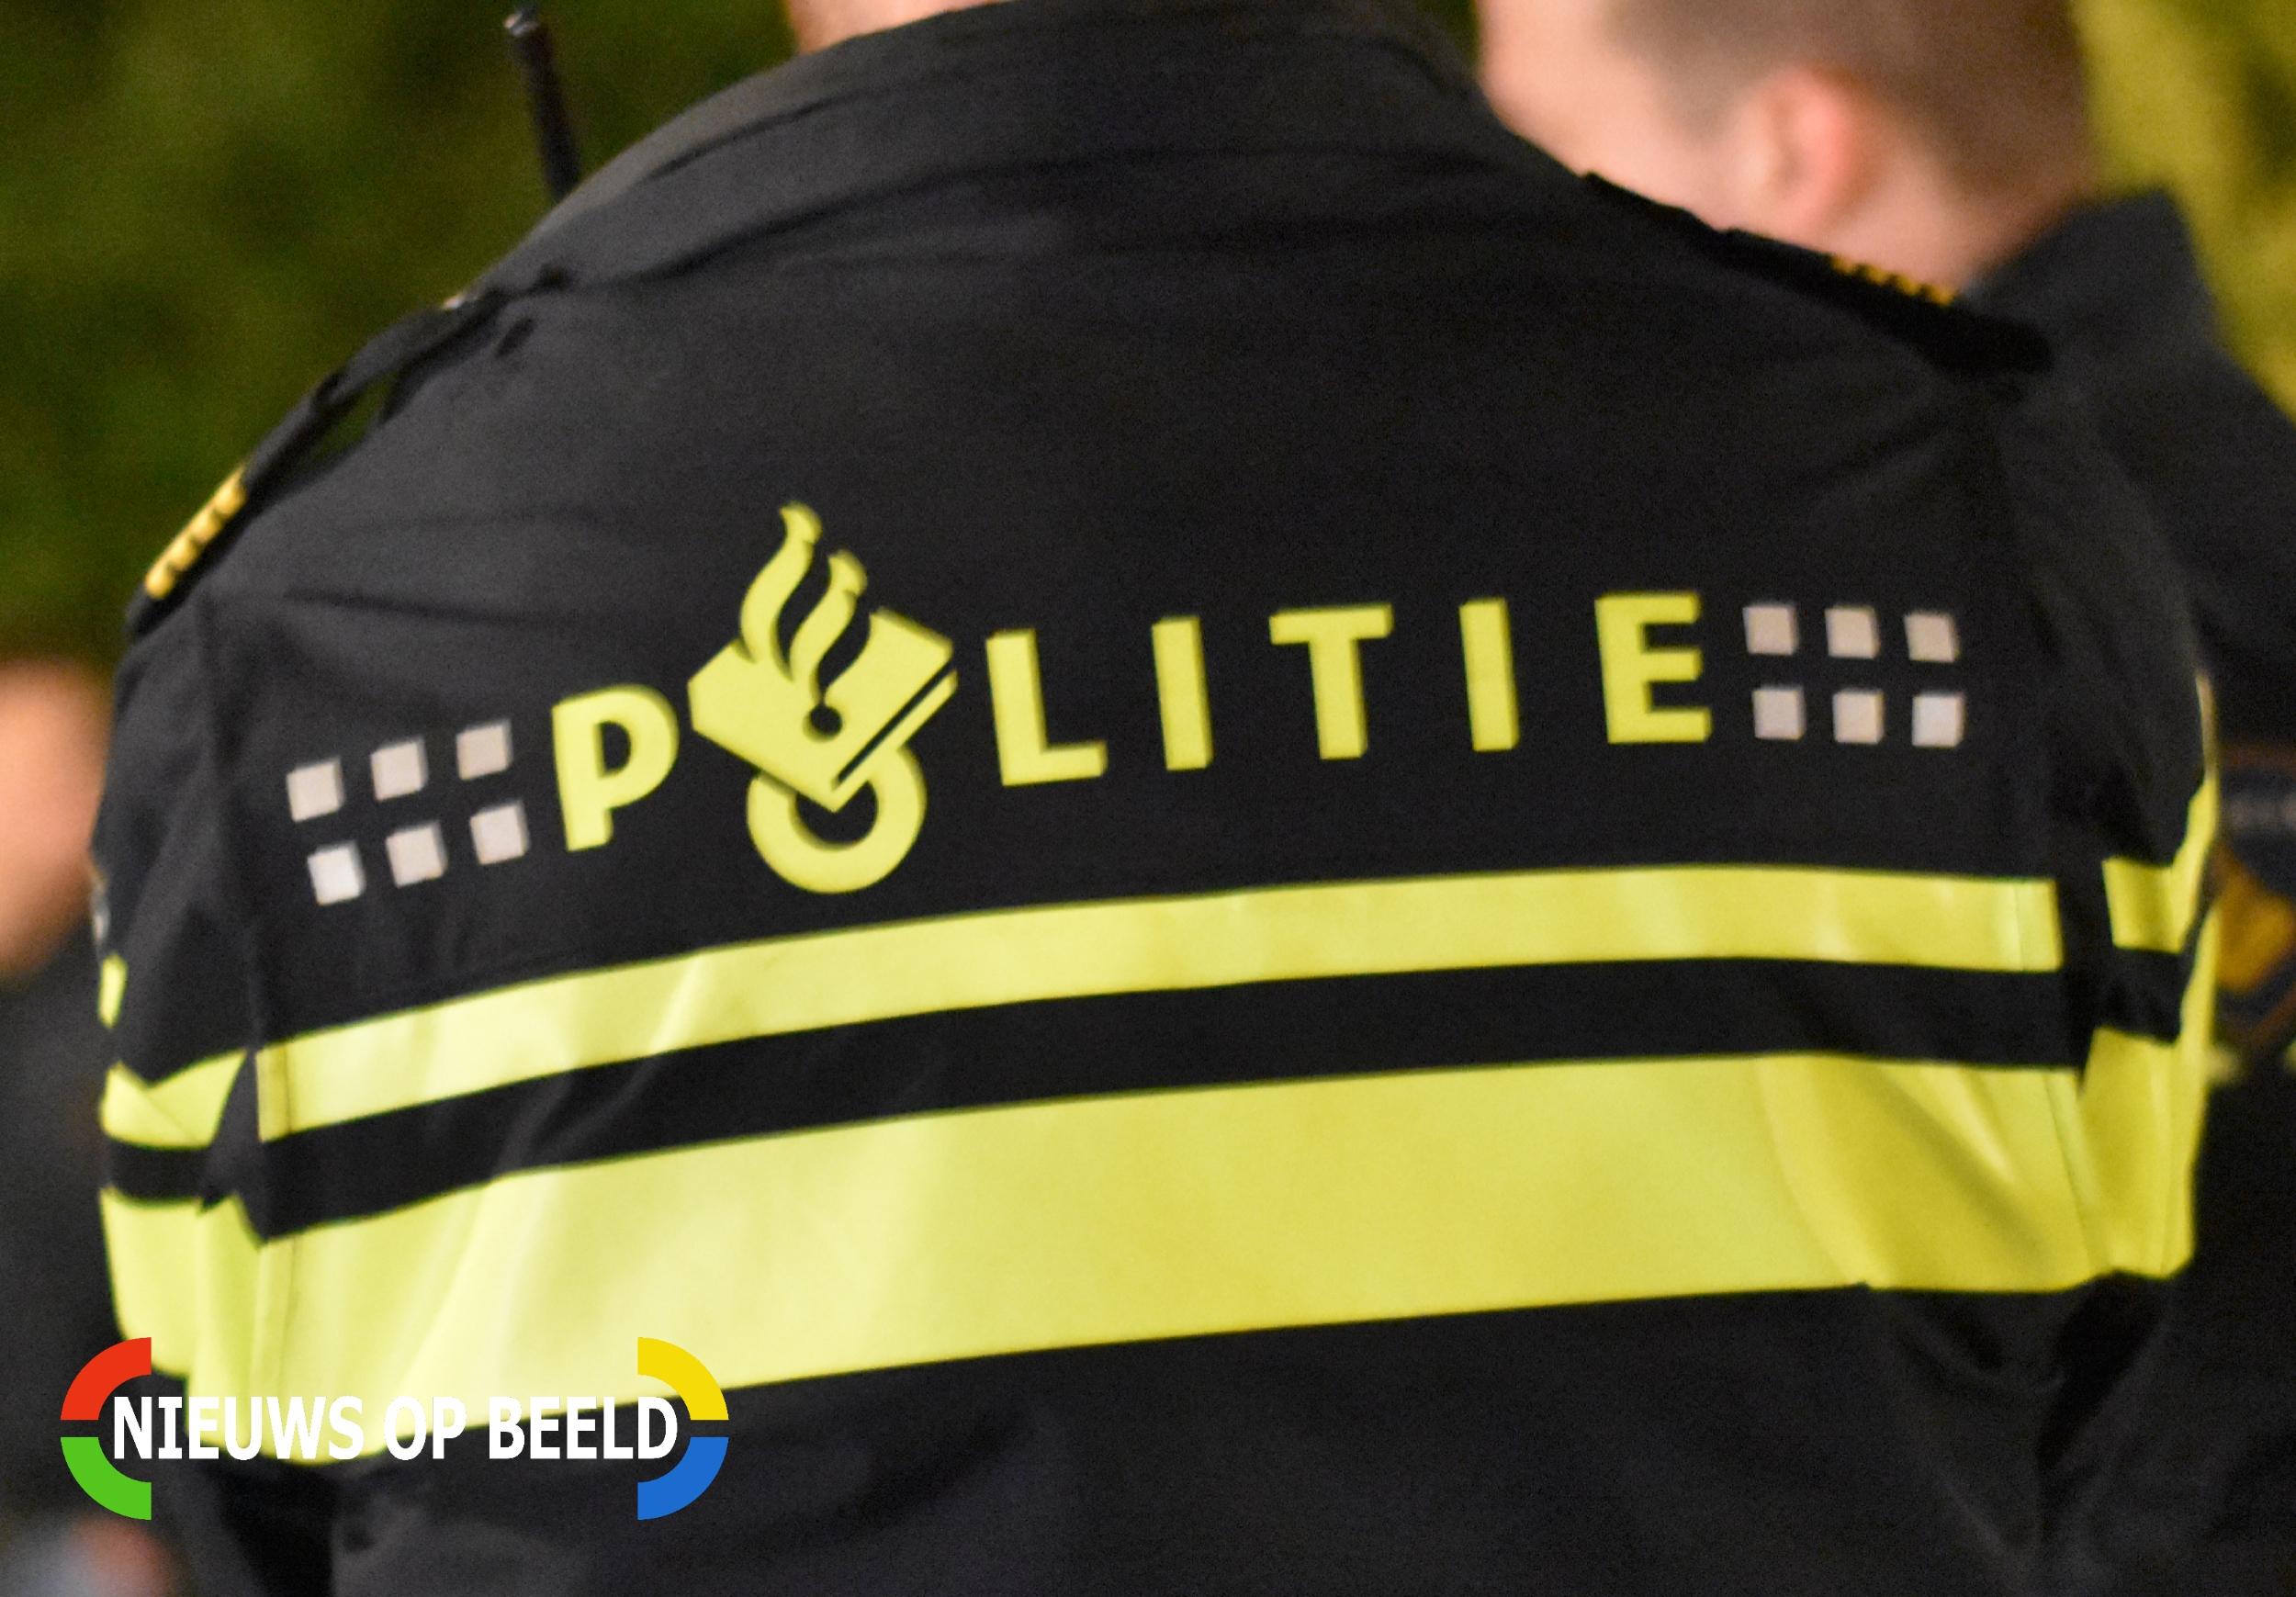 Politieagent van eenheid Rotterdam ontslagen na verstrekken informatie aan derden